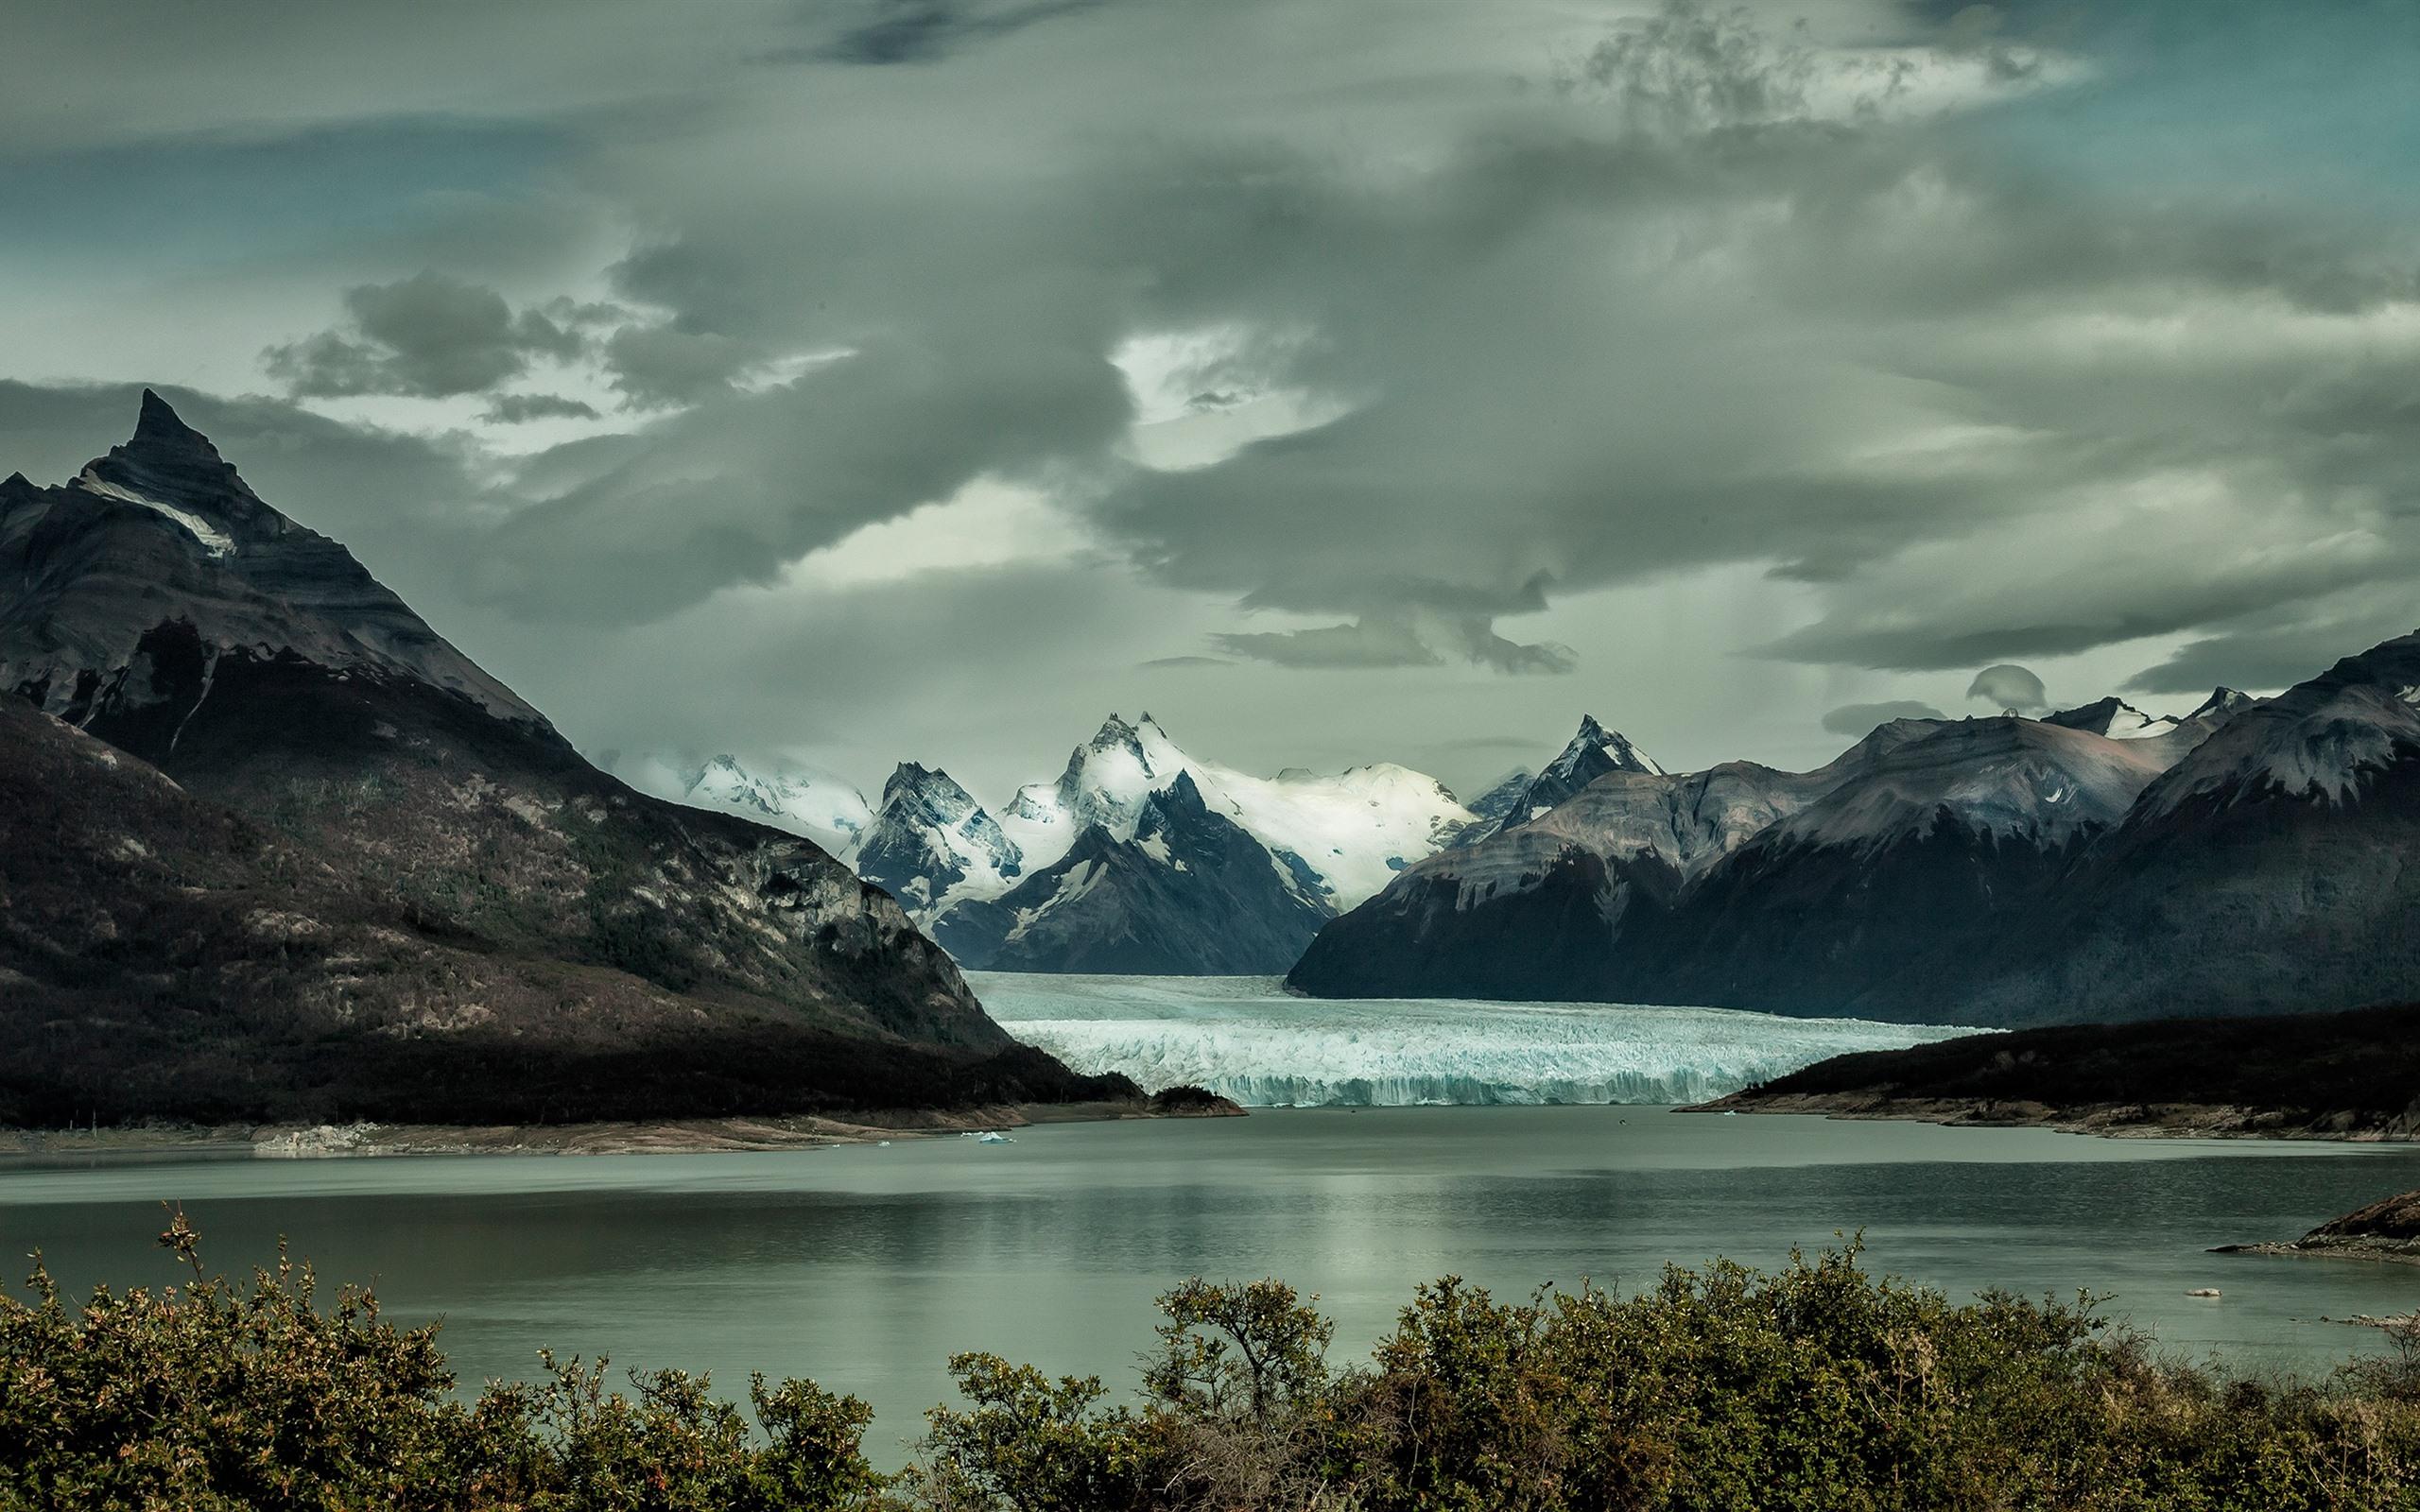 Lago Con Montañas Nevadas Hd: Fondos De Pantalla Montañas, Iceberg, Nieve, Lago